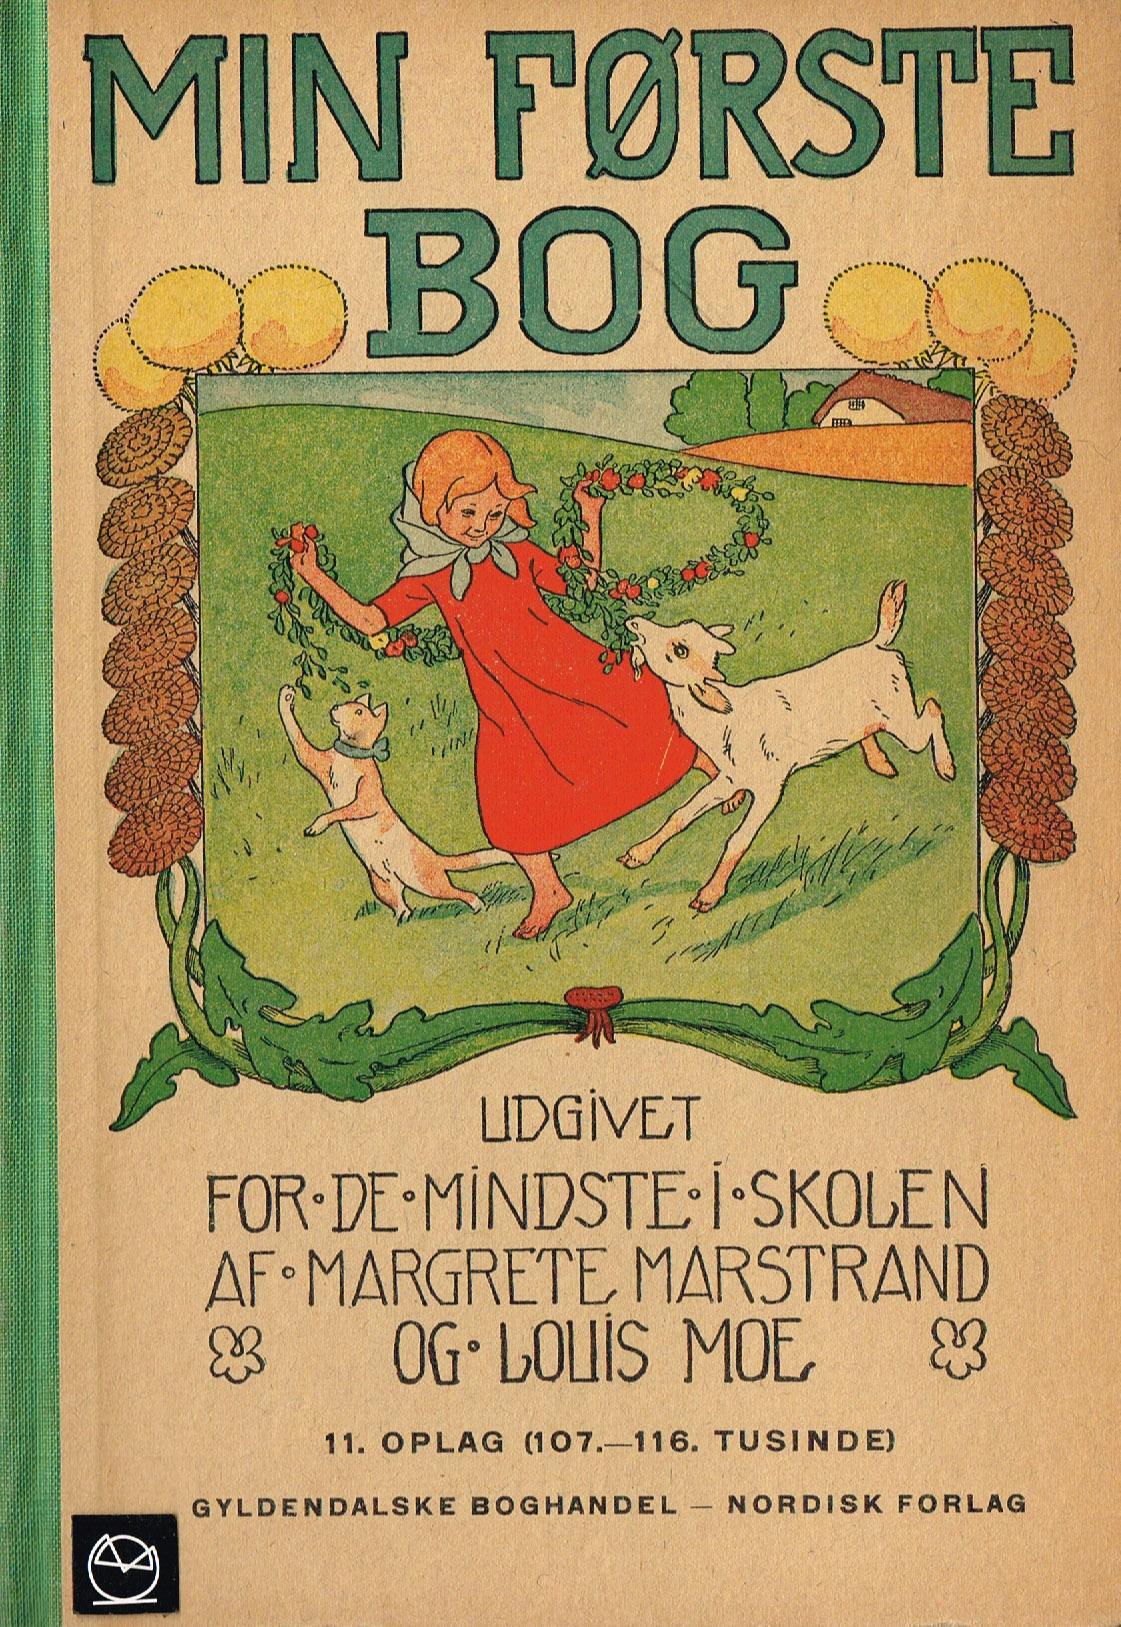 Louis Moe Min første bog skolebog